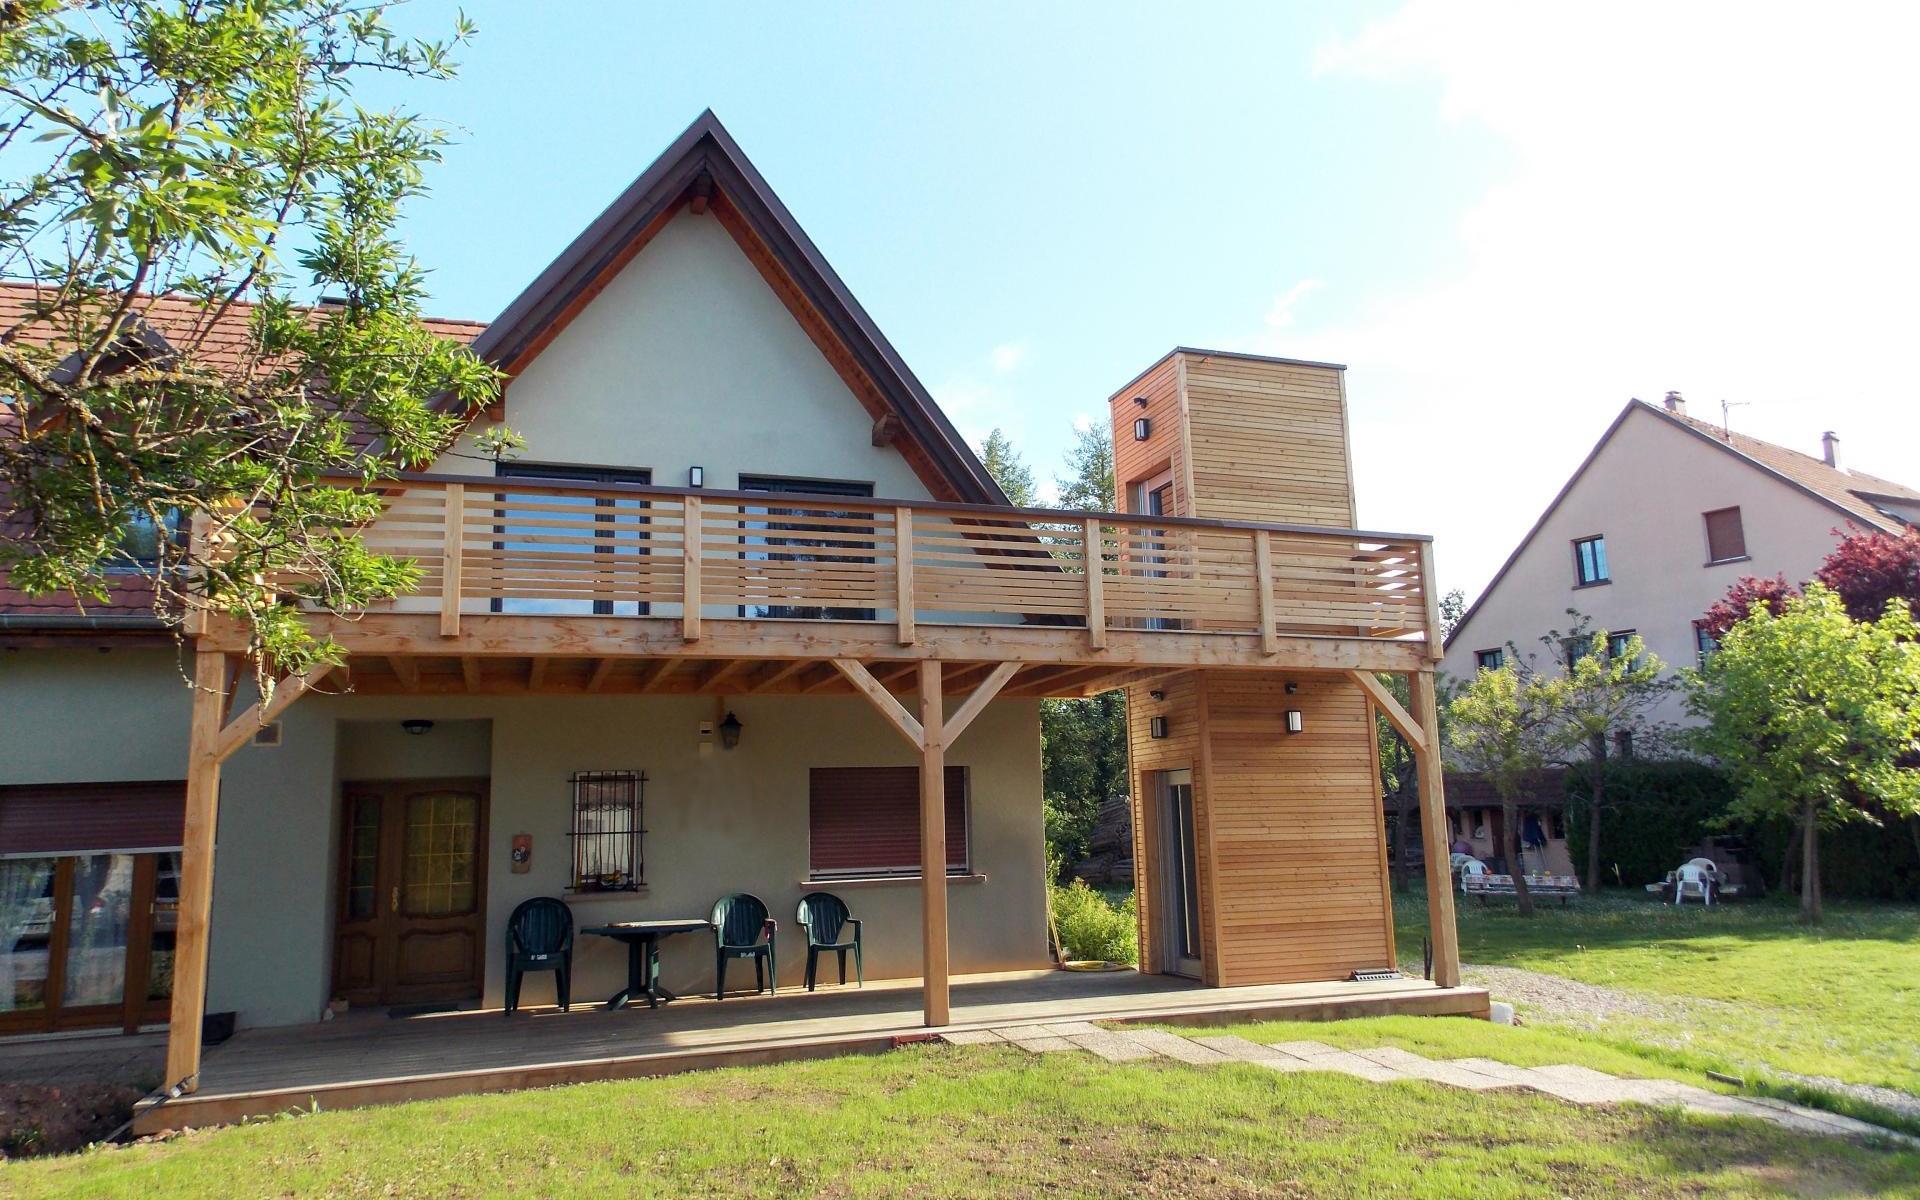 Réalisation d'une terrasse bois surélevée avec un ascenseur extérieur.